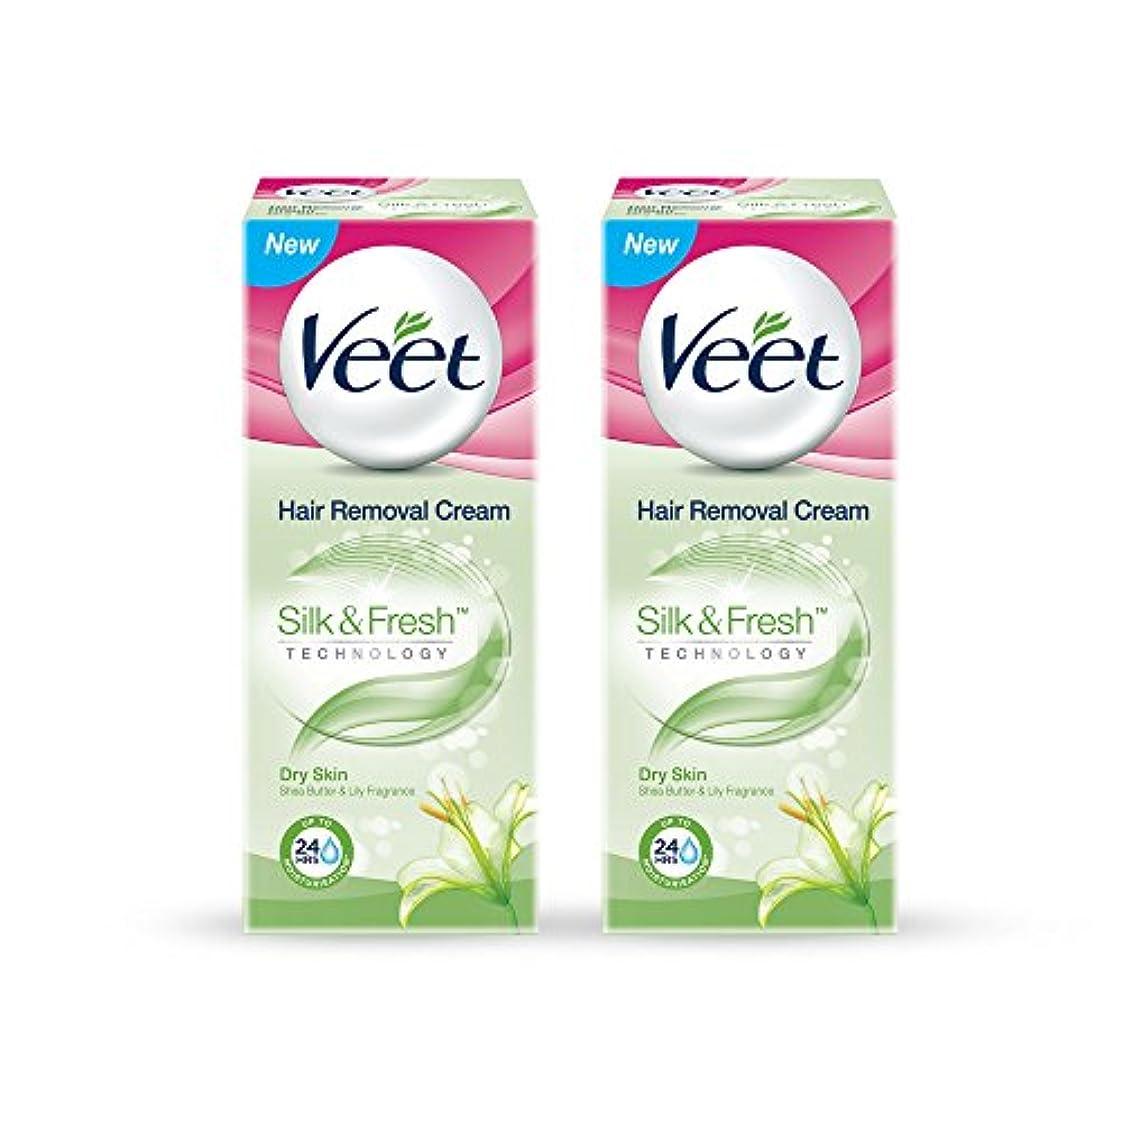 種電気陽性基礎理論Veet Hair Removal Gel Cream for Dry Skin with Shea Butter & Lily Fragrance 25 g (Pack of 2)